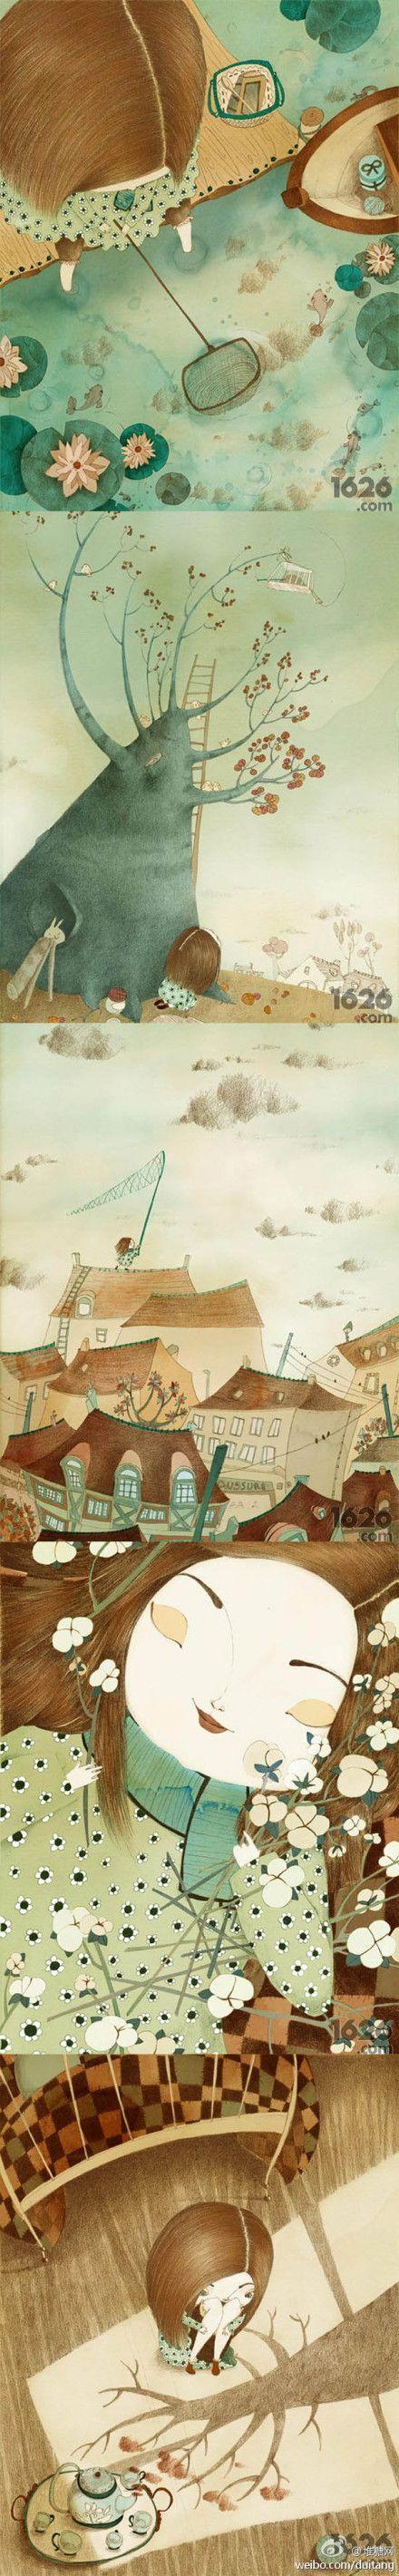 法国女插画师Isabelle Demarly的作品,诉说着每一个女孩心里都会有的无数秘密,还有我们儿时的疯狂事情,天真但是又经常闯祸,无知但是却快乐无比